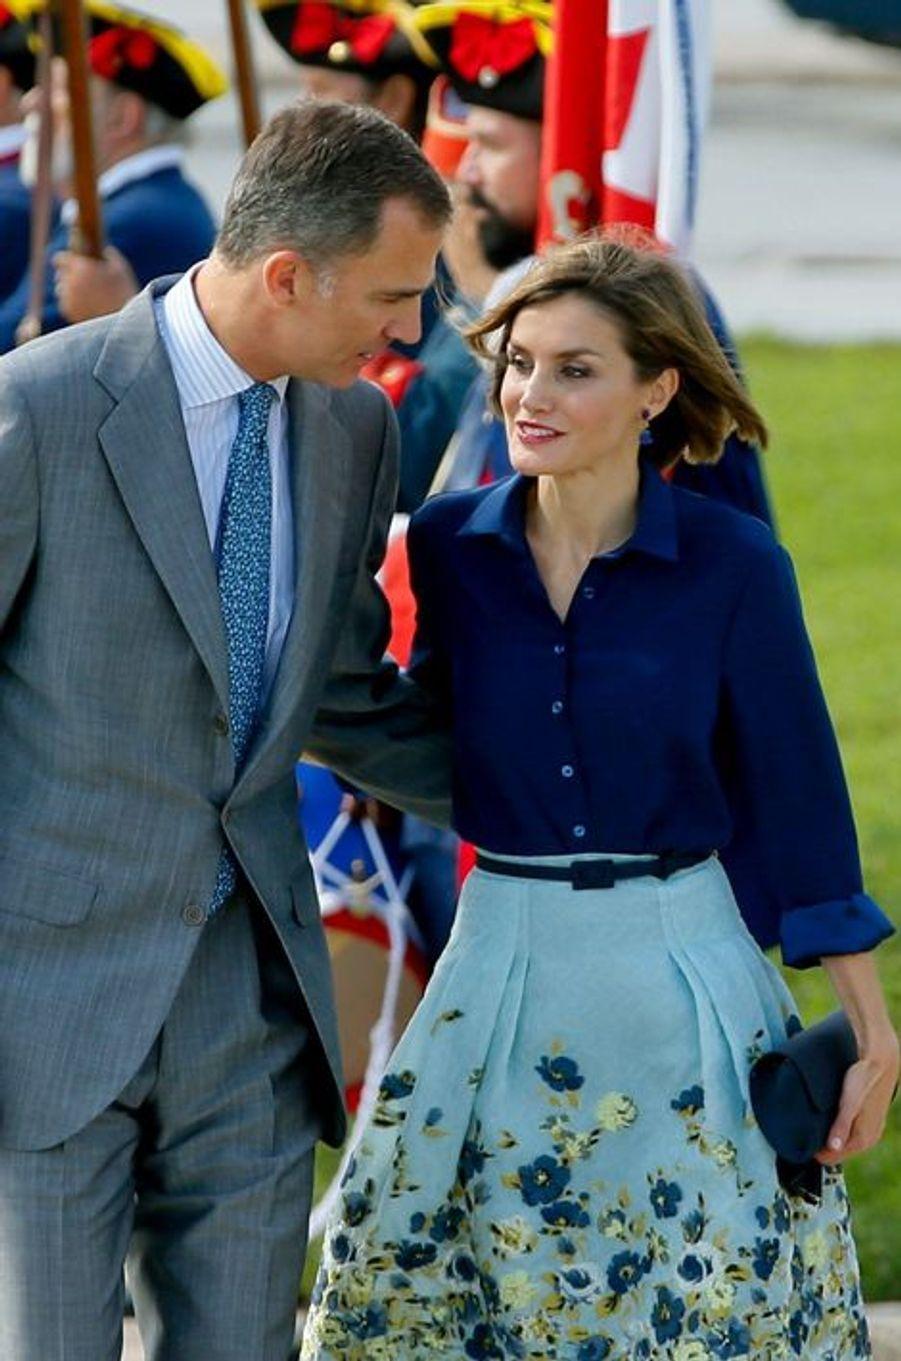 La reine Letizia et le roi Felipe VI d'Espagne à St. Augustine en Floride, le 18 septembre 2015